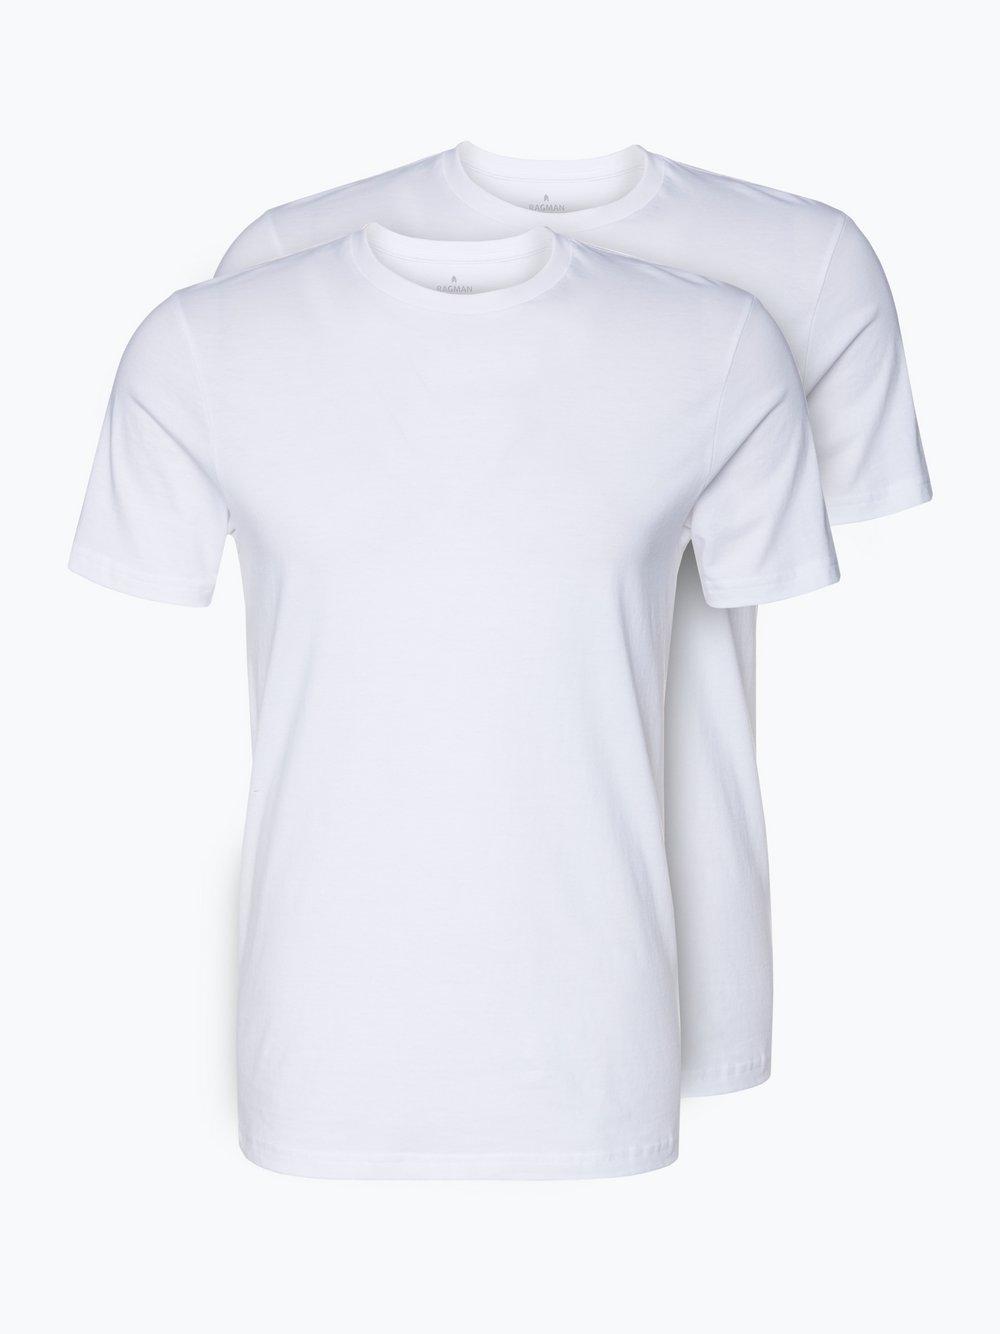 Ragman – T-shirty męskie pakowane po 2 szt., biały Van Graaf 336298-0001-09995